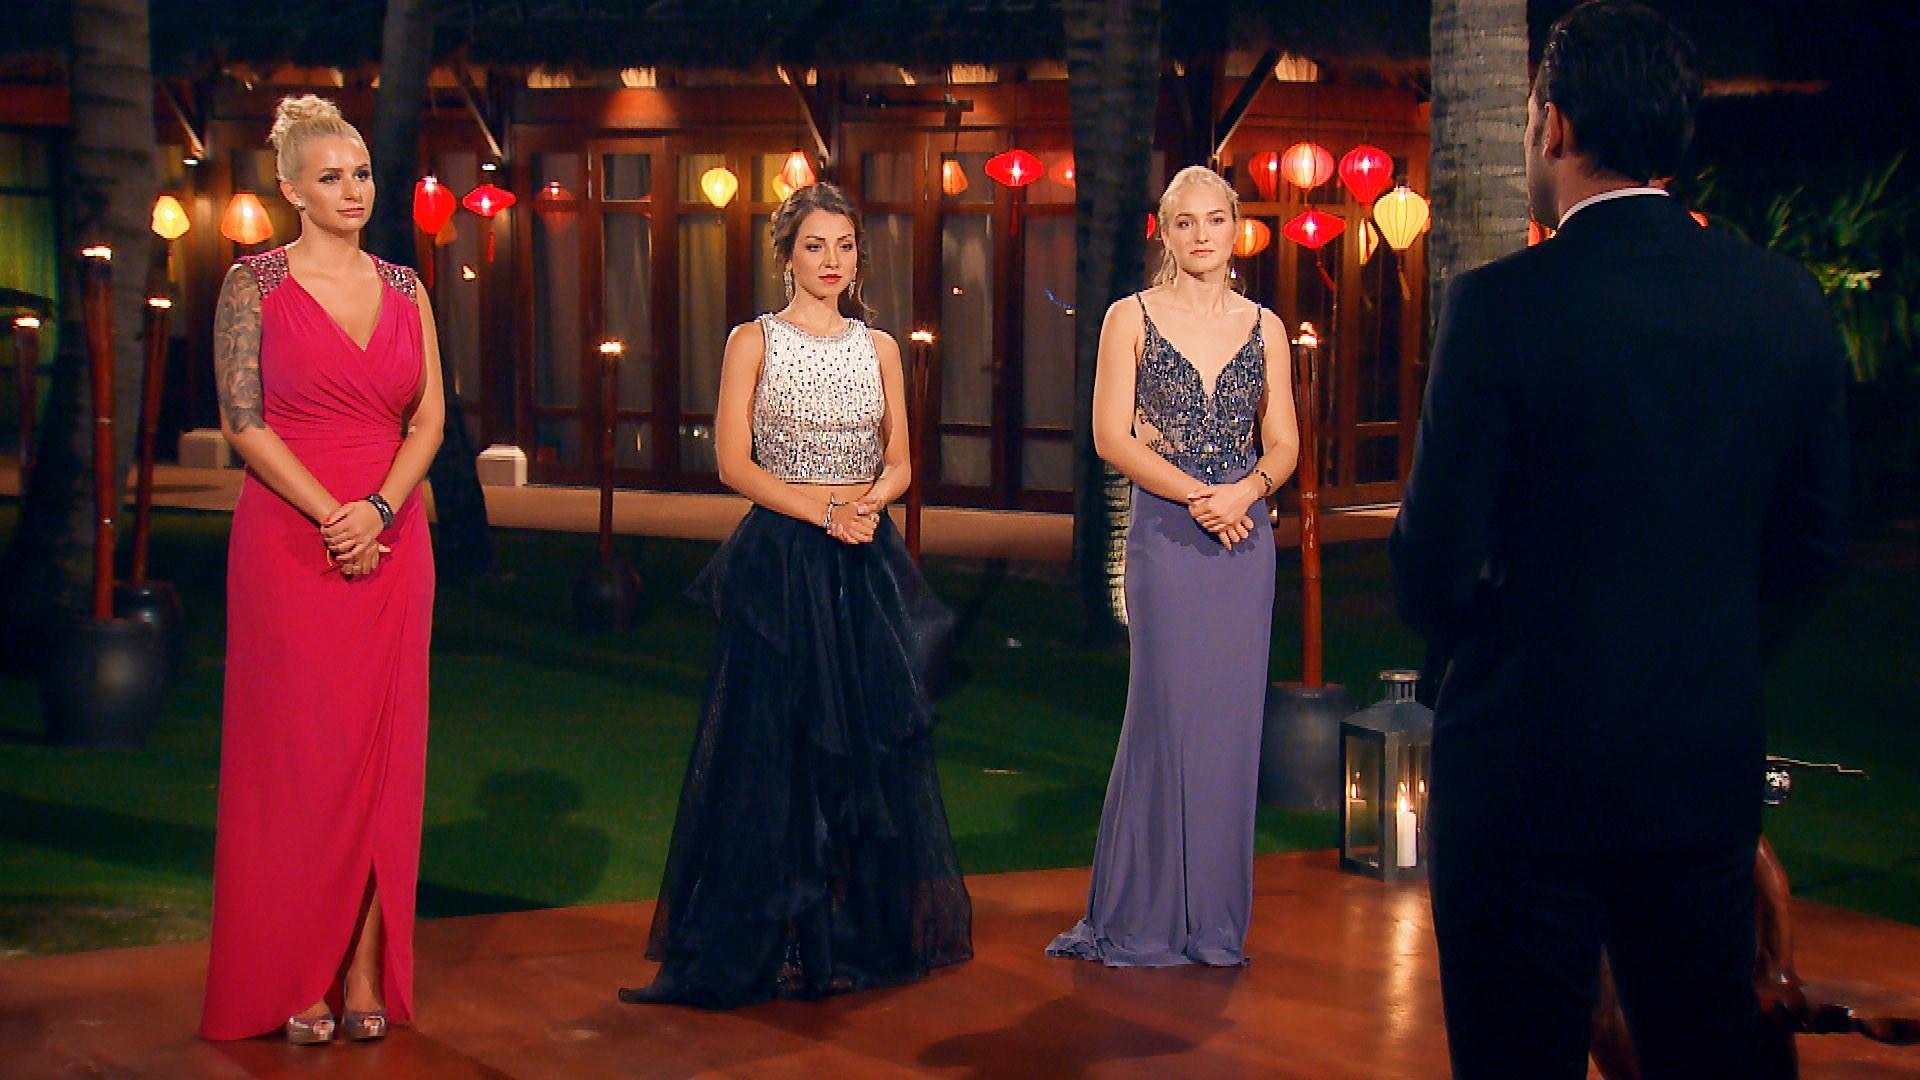 Trotz drei traumhafter Dates muss der Bachelor in der 8. Nacht der Rosen eine weitere Entscheidung fällen. Carina, Kristina oder Svenja, welche der drei Ladys schickt Daniel heute nach Hause?